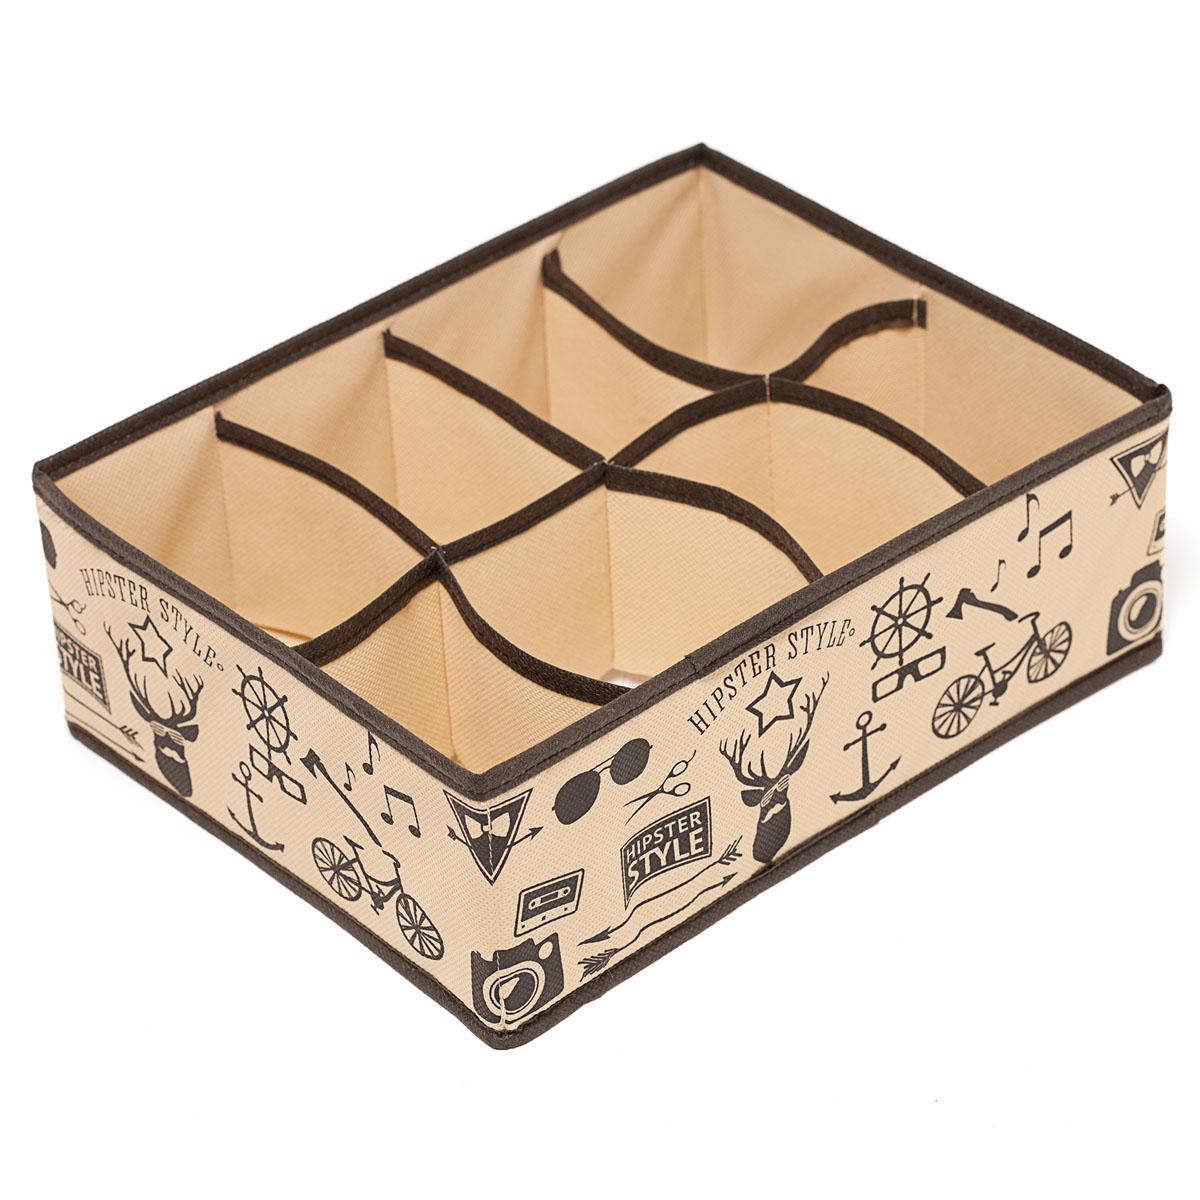 Органайзер для хранения вещей Homsu Hipster Style, 8 секций, 31 х 24 х 11 смHOM-122Компактный органайзер Homsu Hipster Style изготовлен из высококачественного полиэстера, который обеспечивает естественную вентиляцию. Материал позволяет воздуху свободно проникать внутрь, но не пропускает пыль. Органайзер отлично держит форму, благодаря вставкам из плотного картона. Изделие имеет 8 секций для хранения нижнего белья, колготок, носков и другой одежды.Такой органайзер позволит вам хранить вещи компактно и удобно, а оригинальный дизайн сделает вашу гардеробную красивой и невероятно стильной. Размер секции: 12 х 8 см.